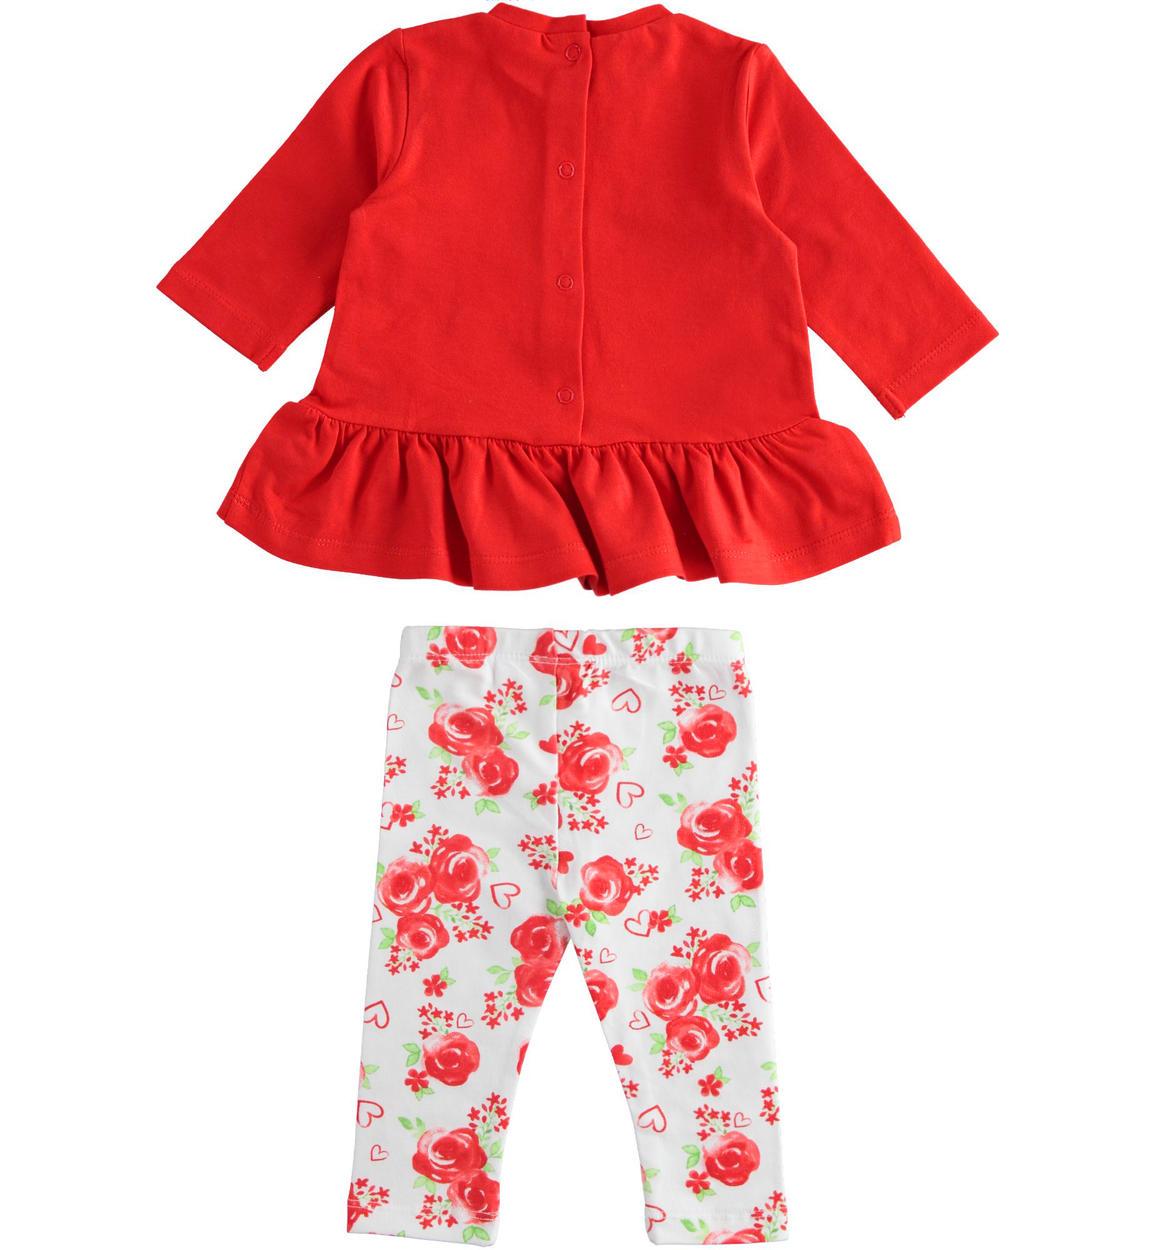 completo maxi maglia e leggings fantasia rosso retro 02 0864j14700 8029 150x150